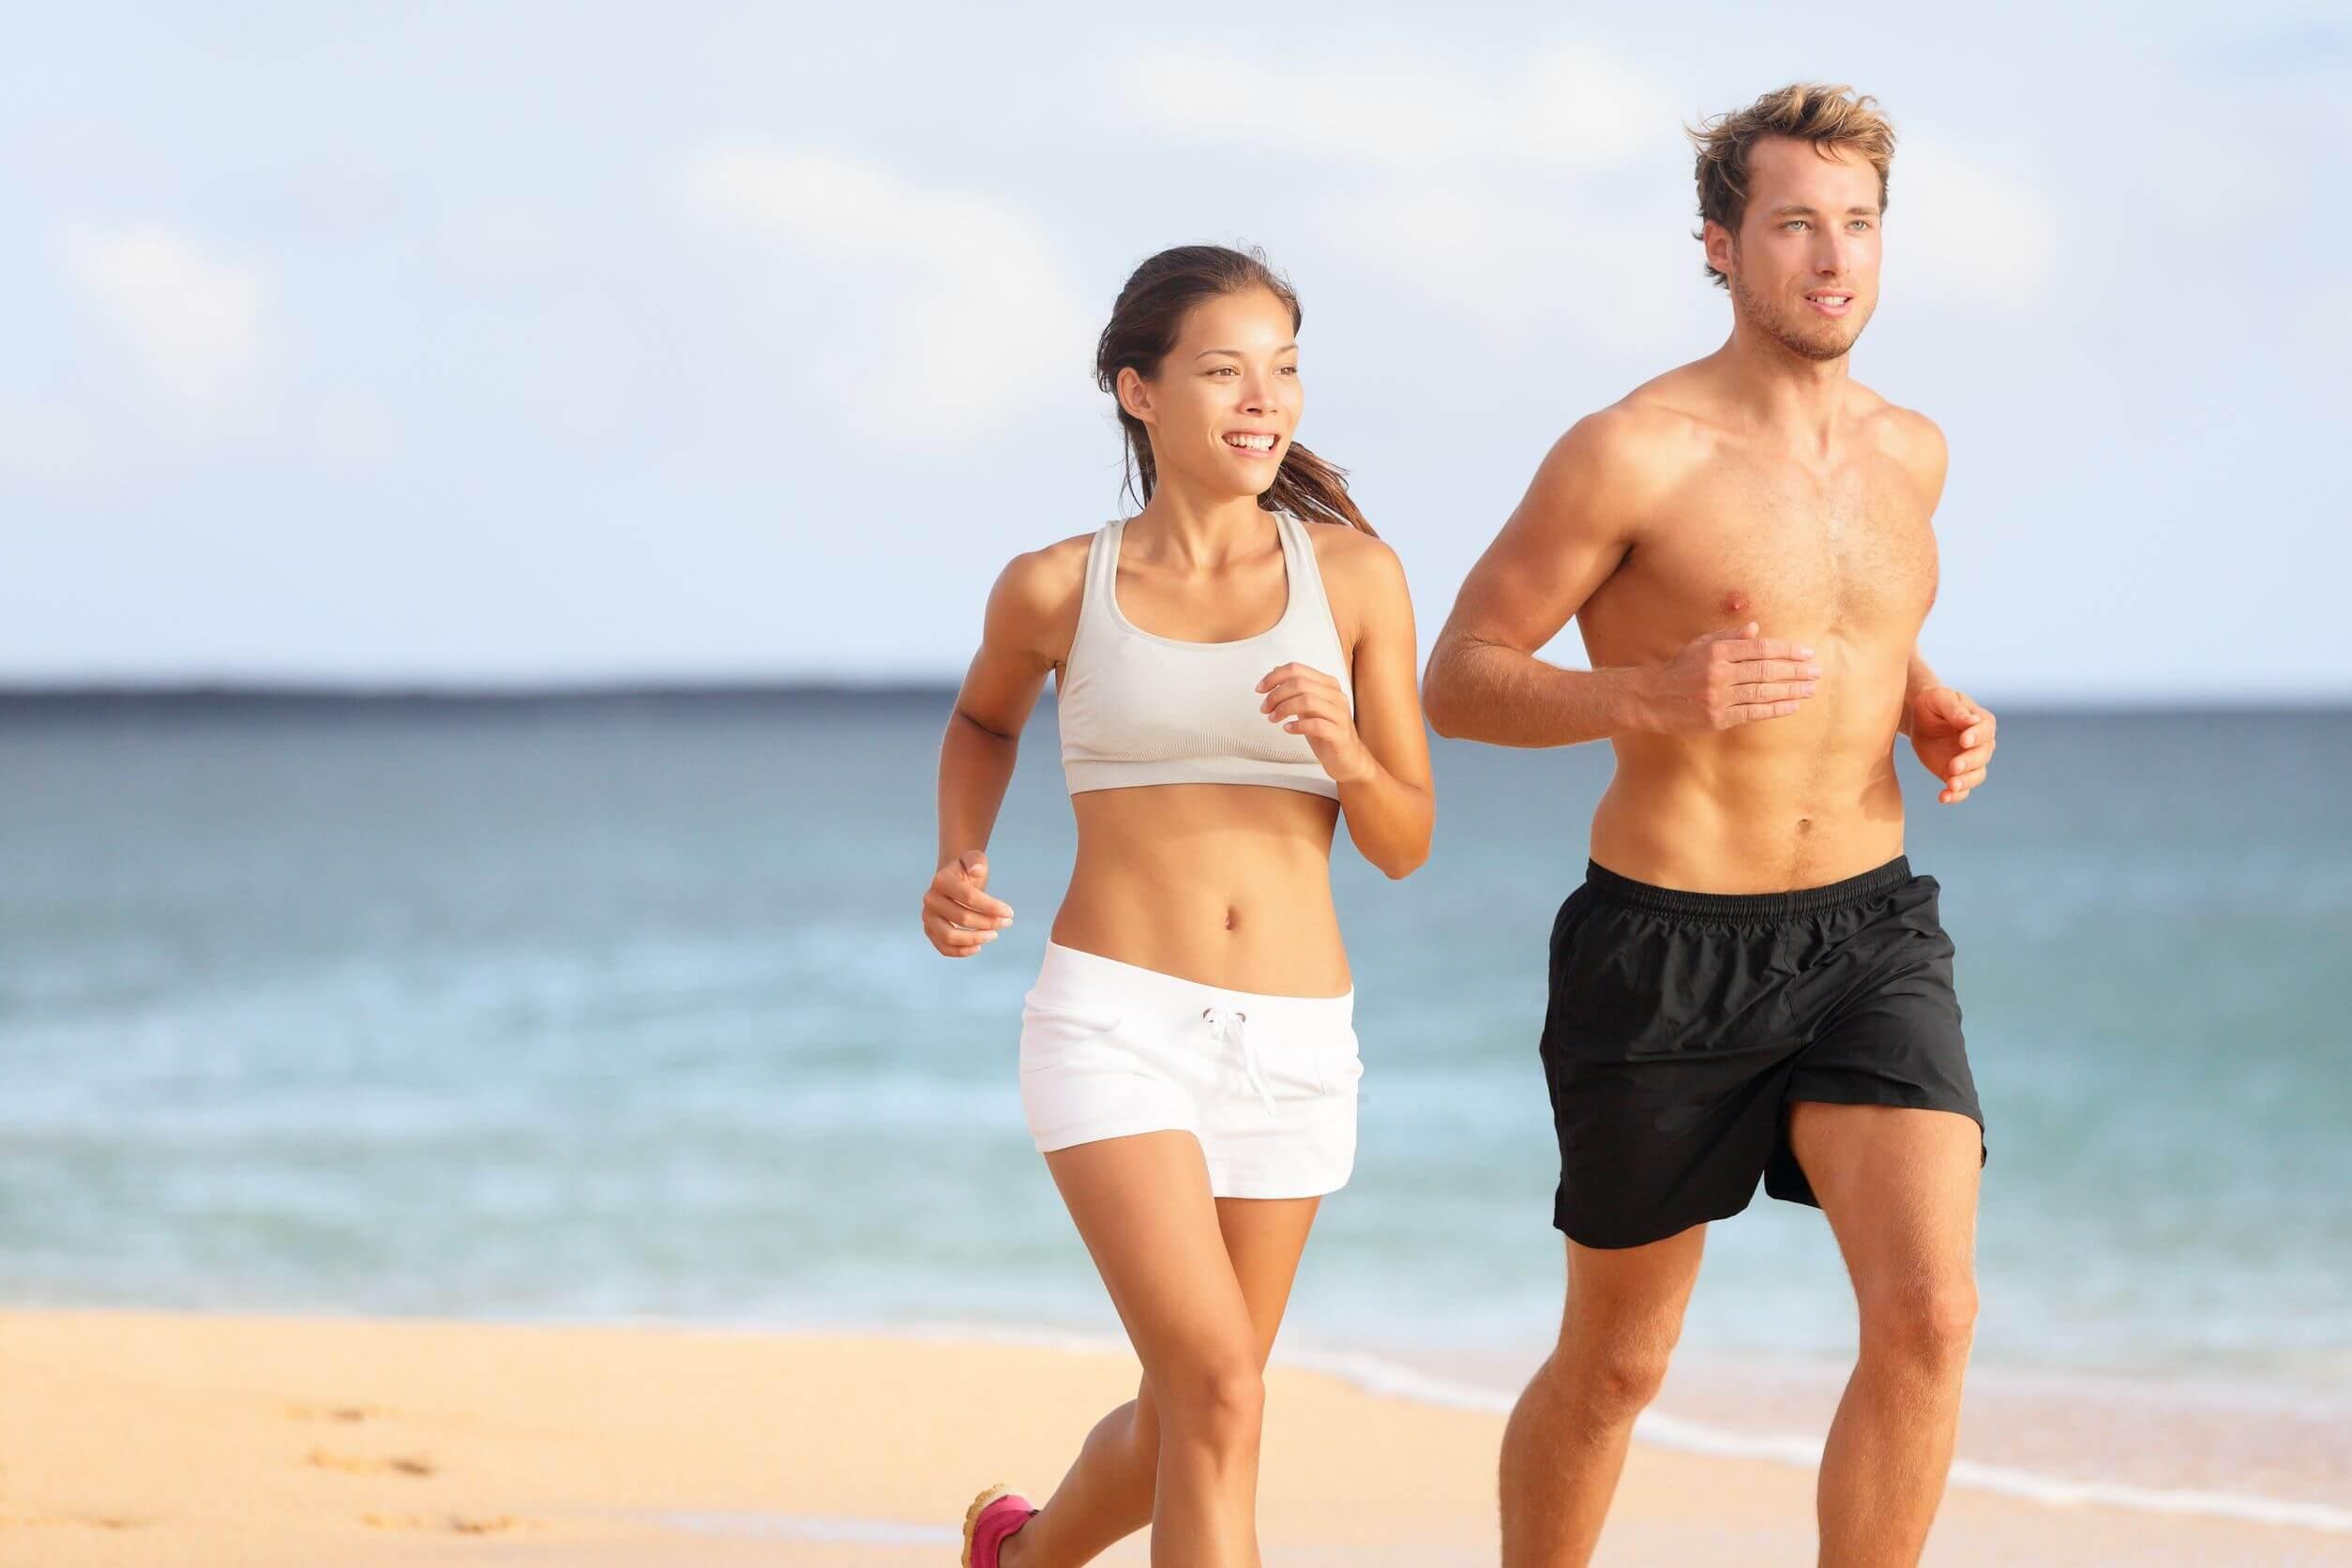 El ejercicio puede ayudar con la digestión en verano.